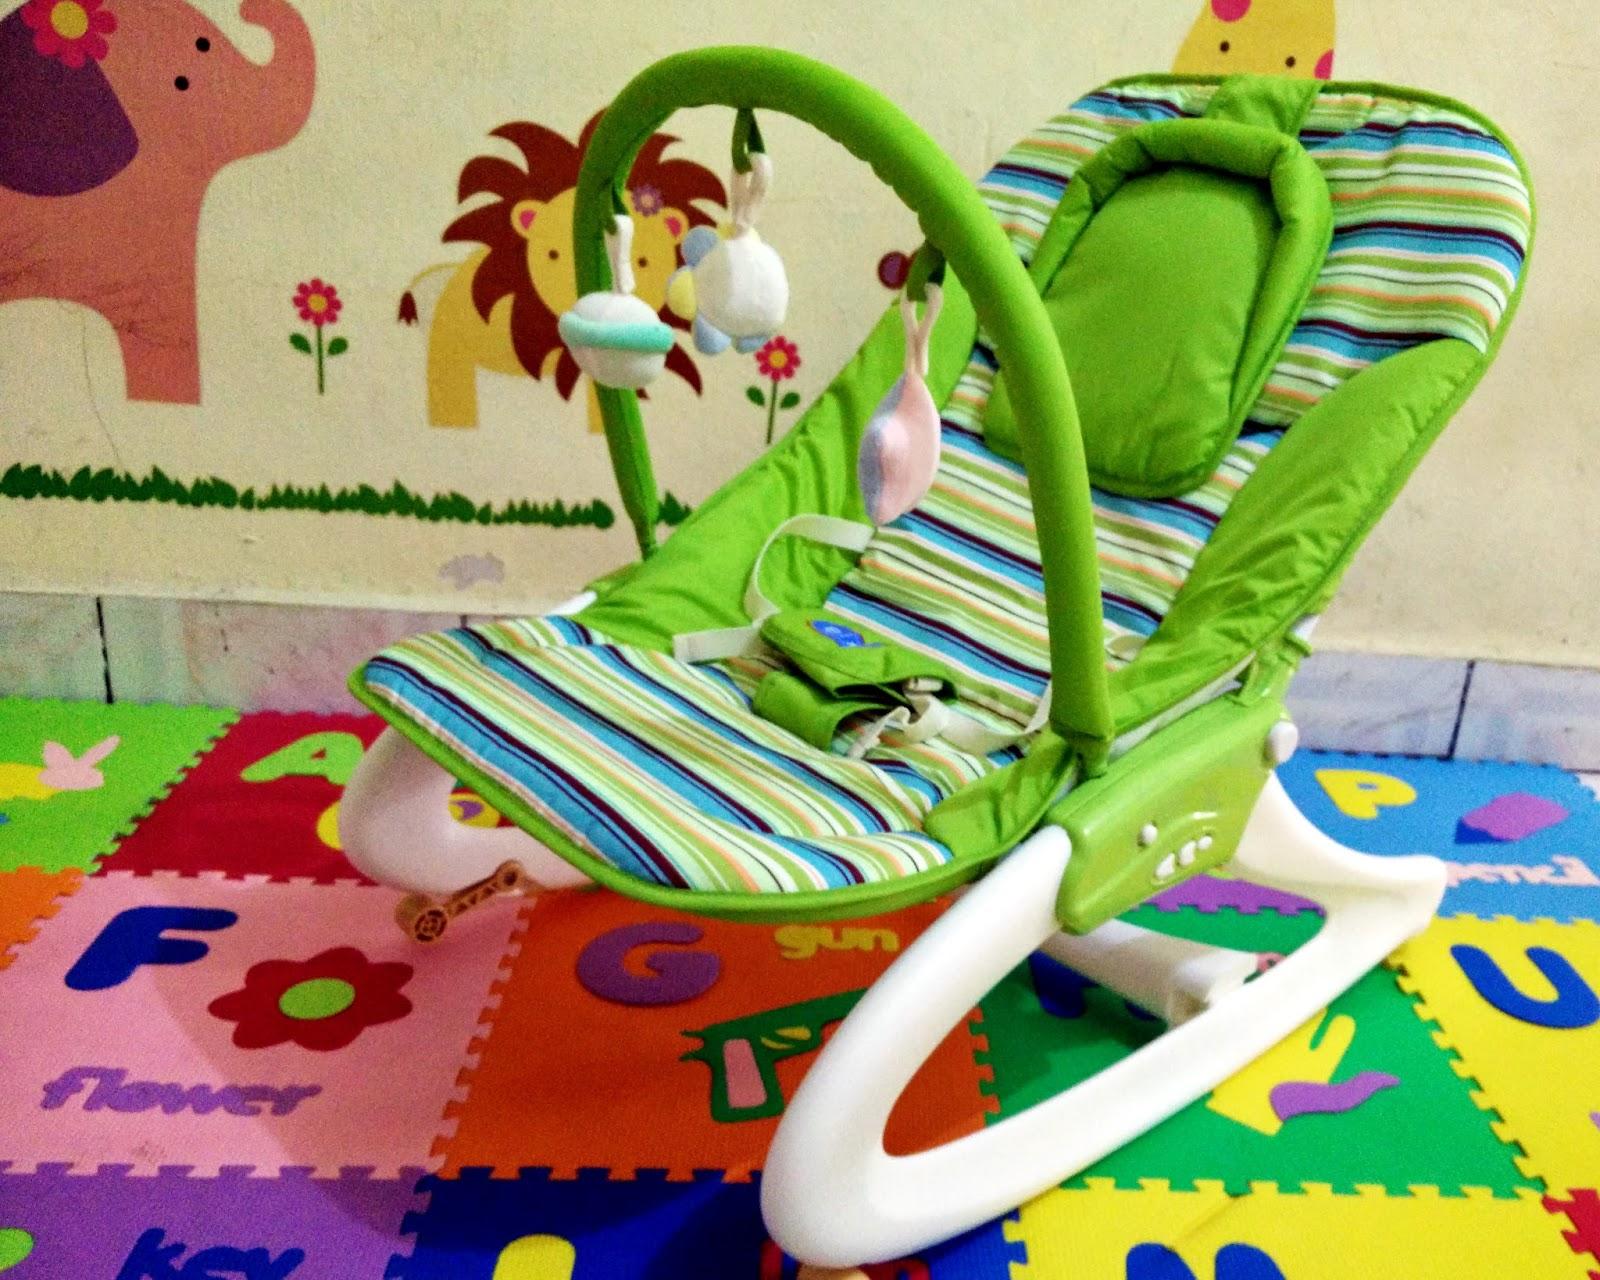 Persewaan Perlengkapan Bayi Dan Mainan Anak Di Bali